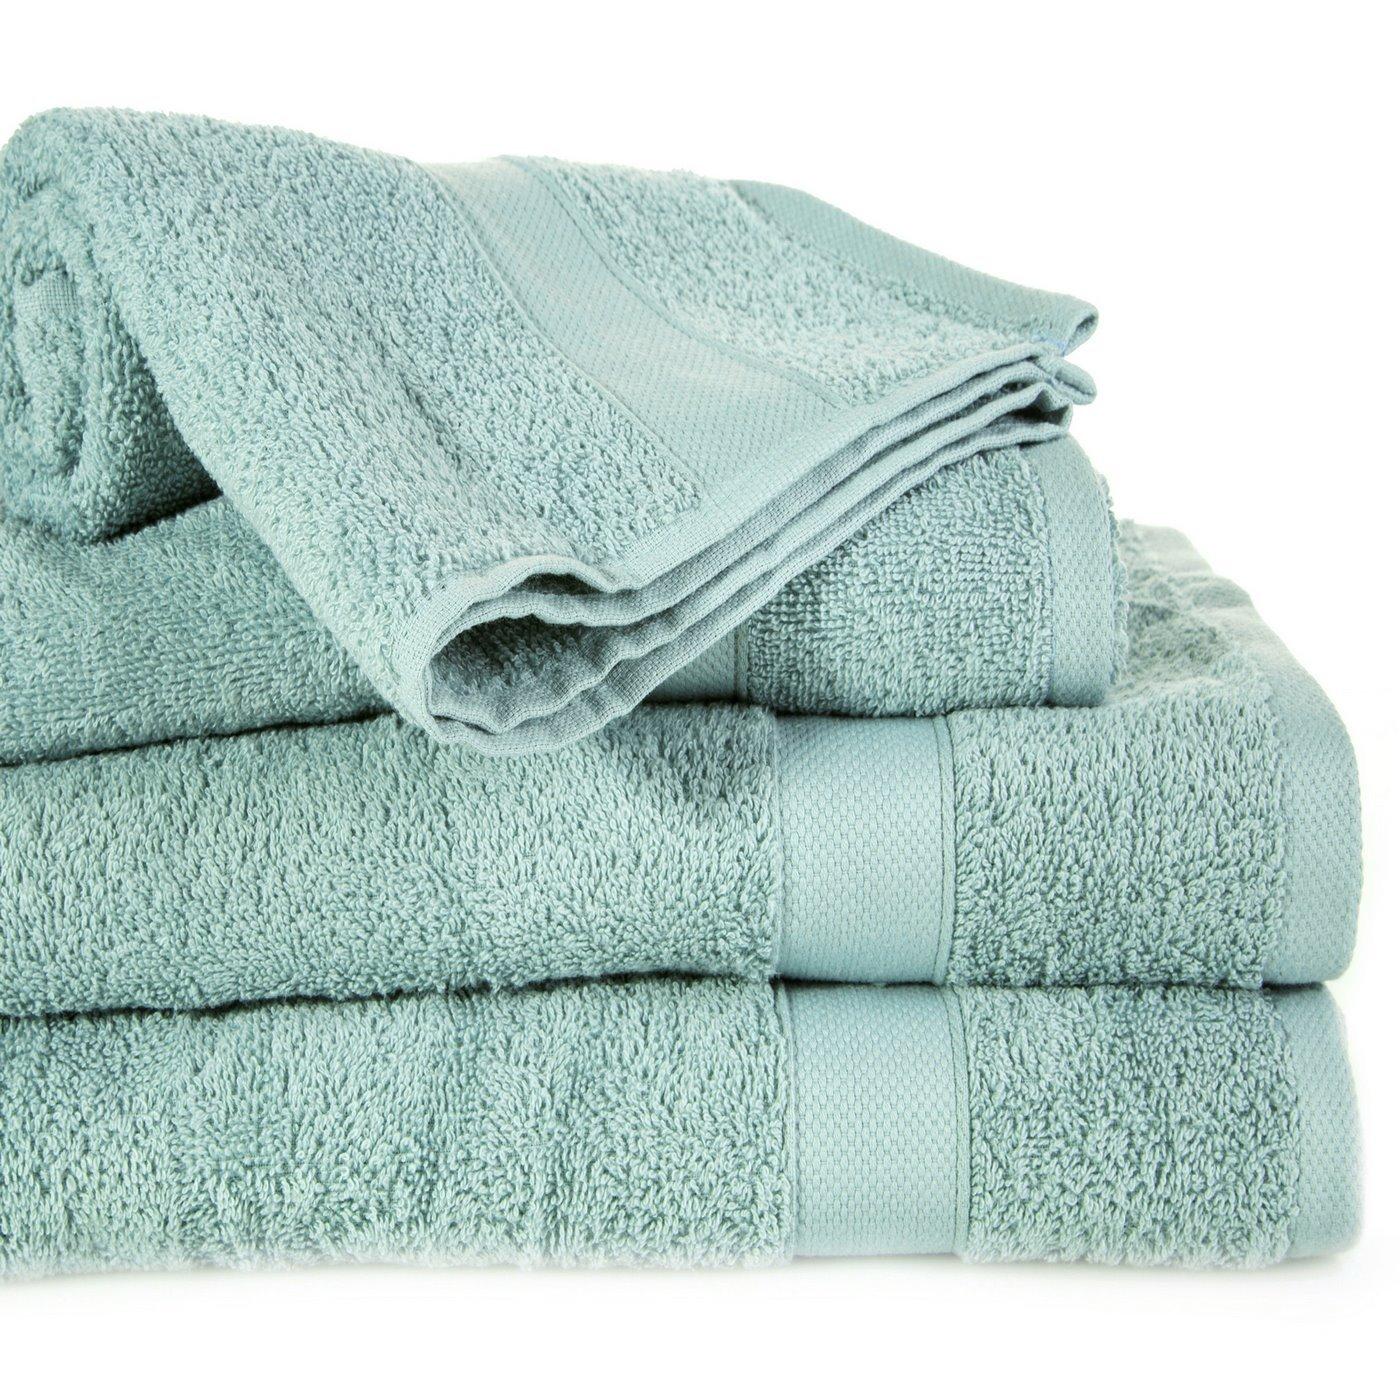 Bawełniany ręcznik kąpielowy miętowy 70x140cm